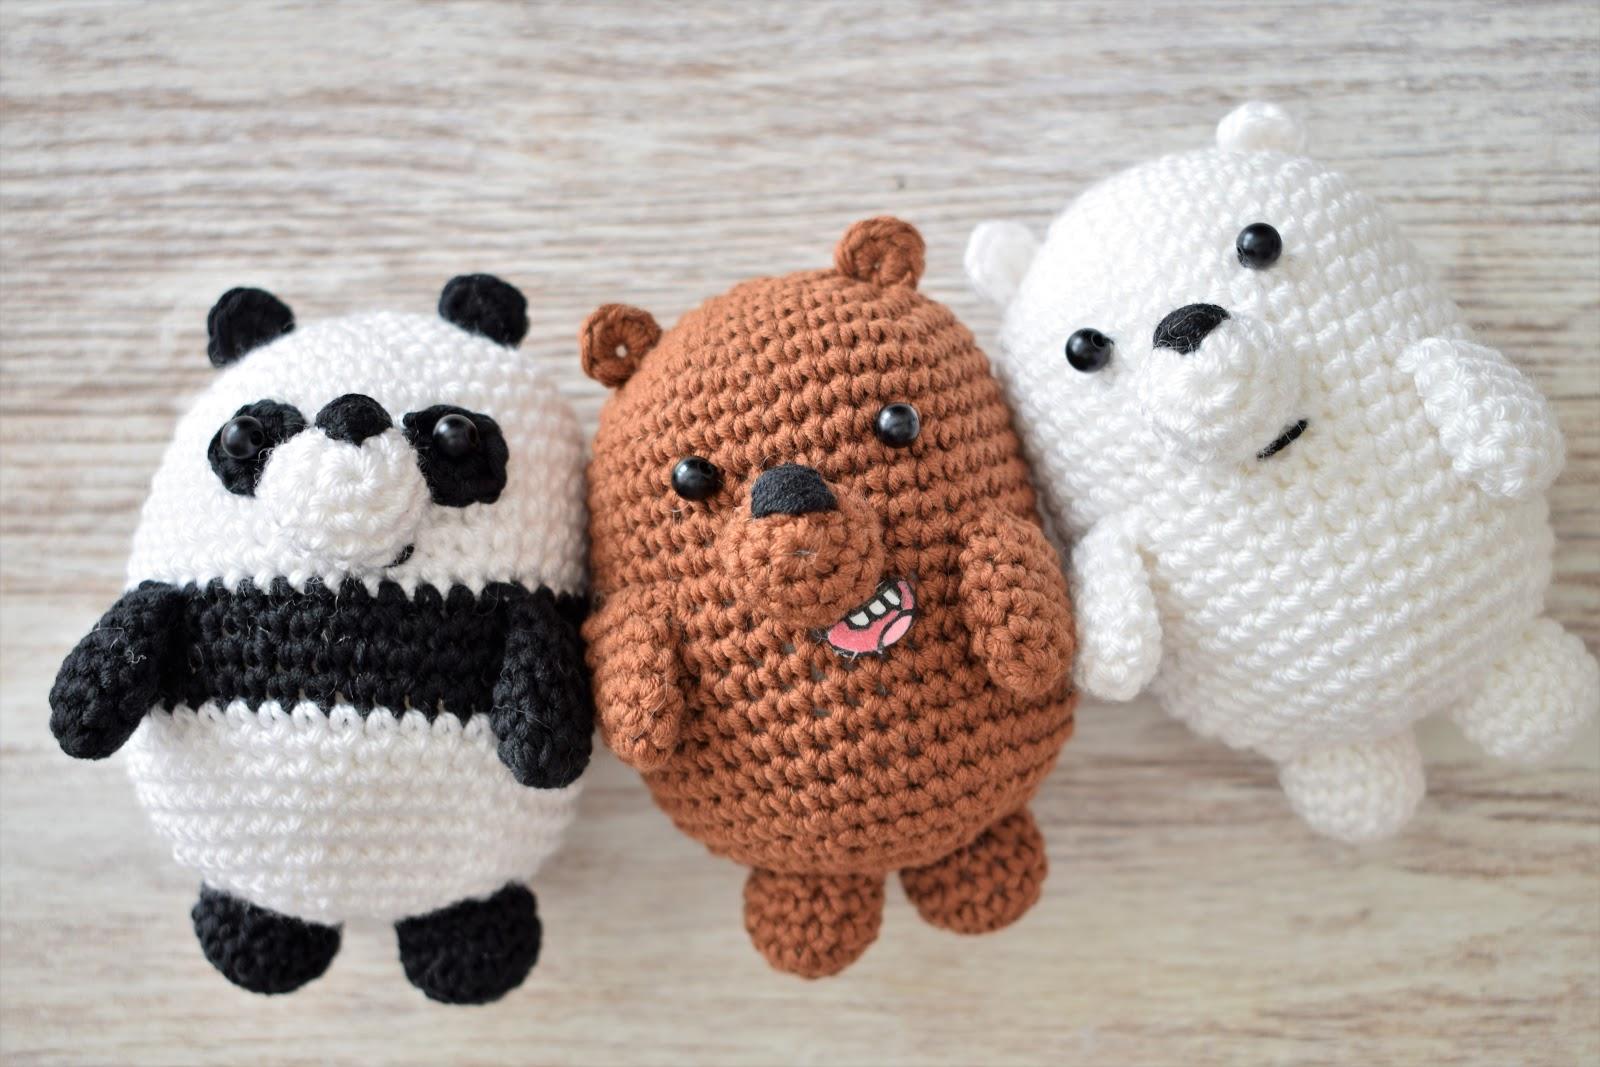 Patrón gratis amigurumi de oso panda - amigurumis y más | 1067x1600